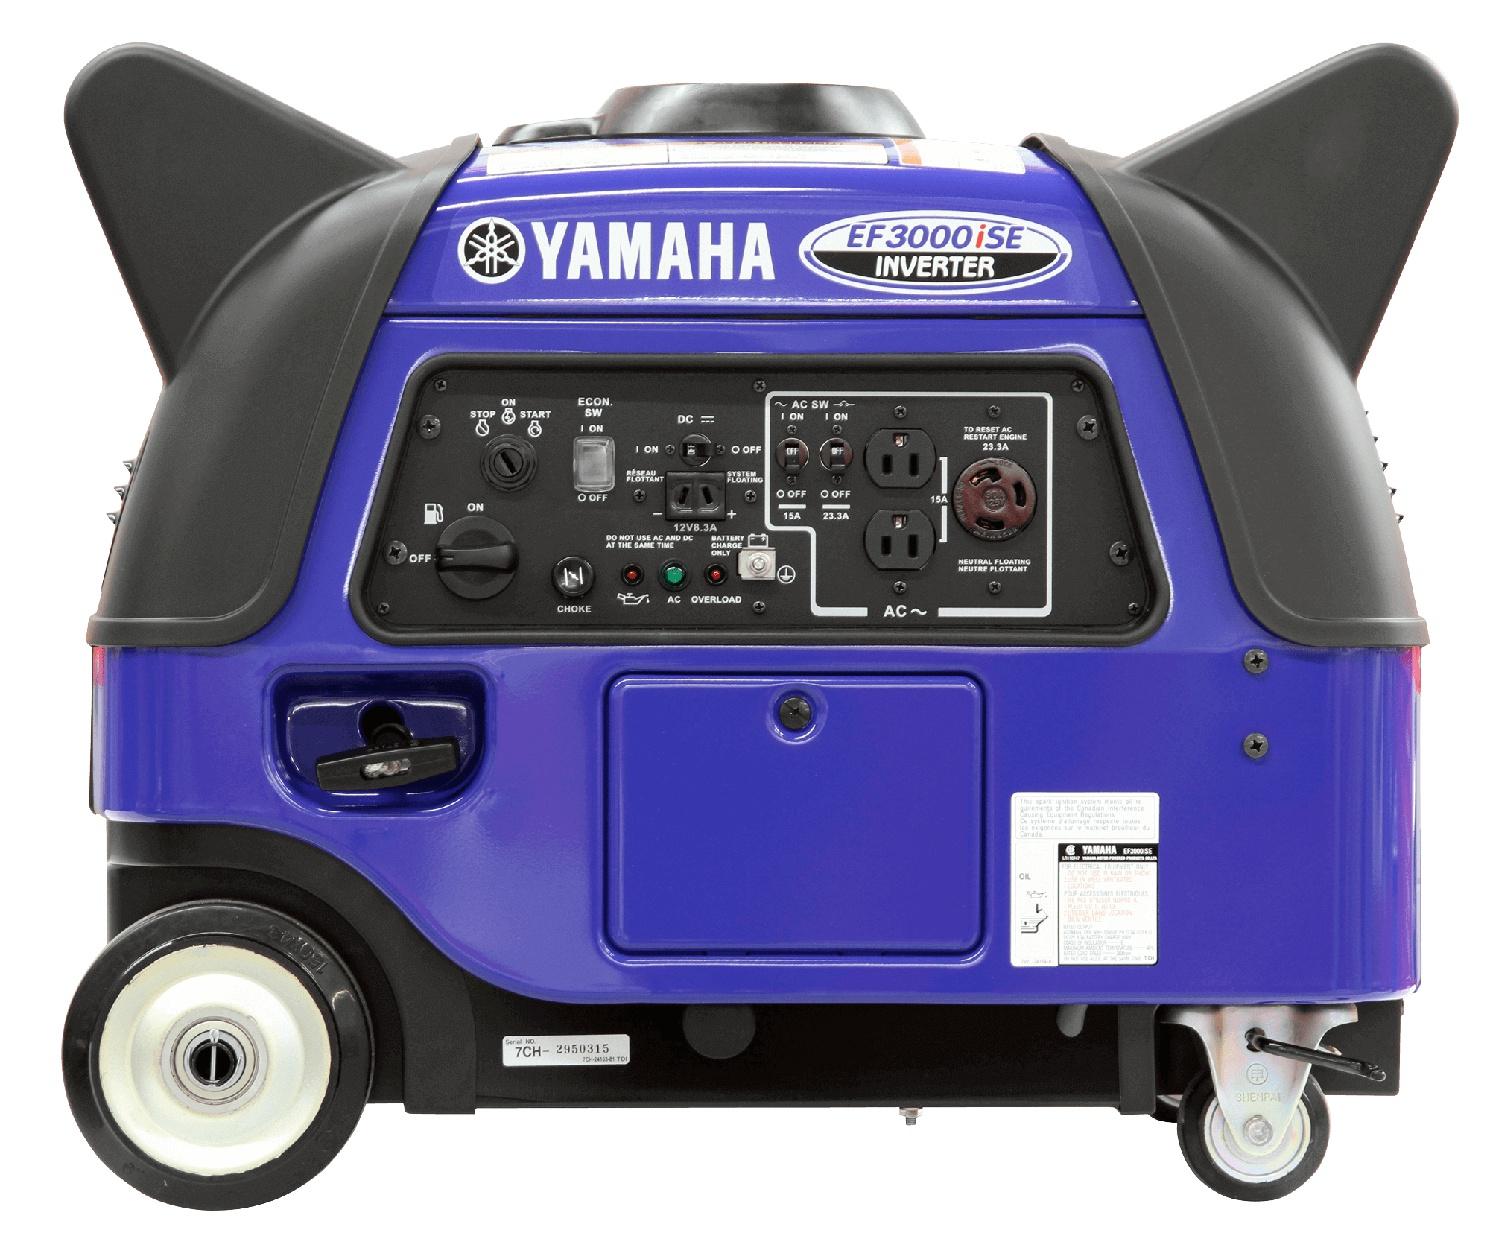 Yamaha Génératrices à inverseur EF3000ISE 2021